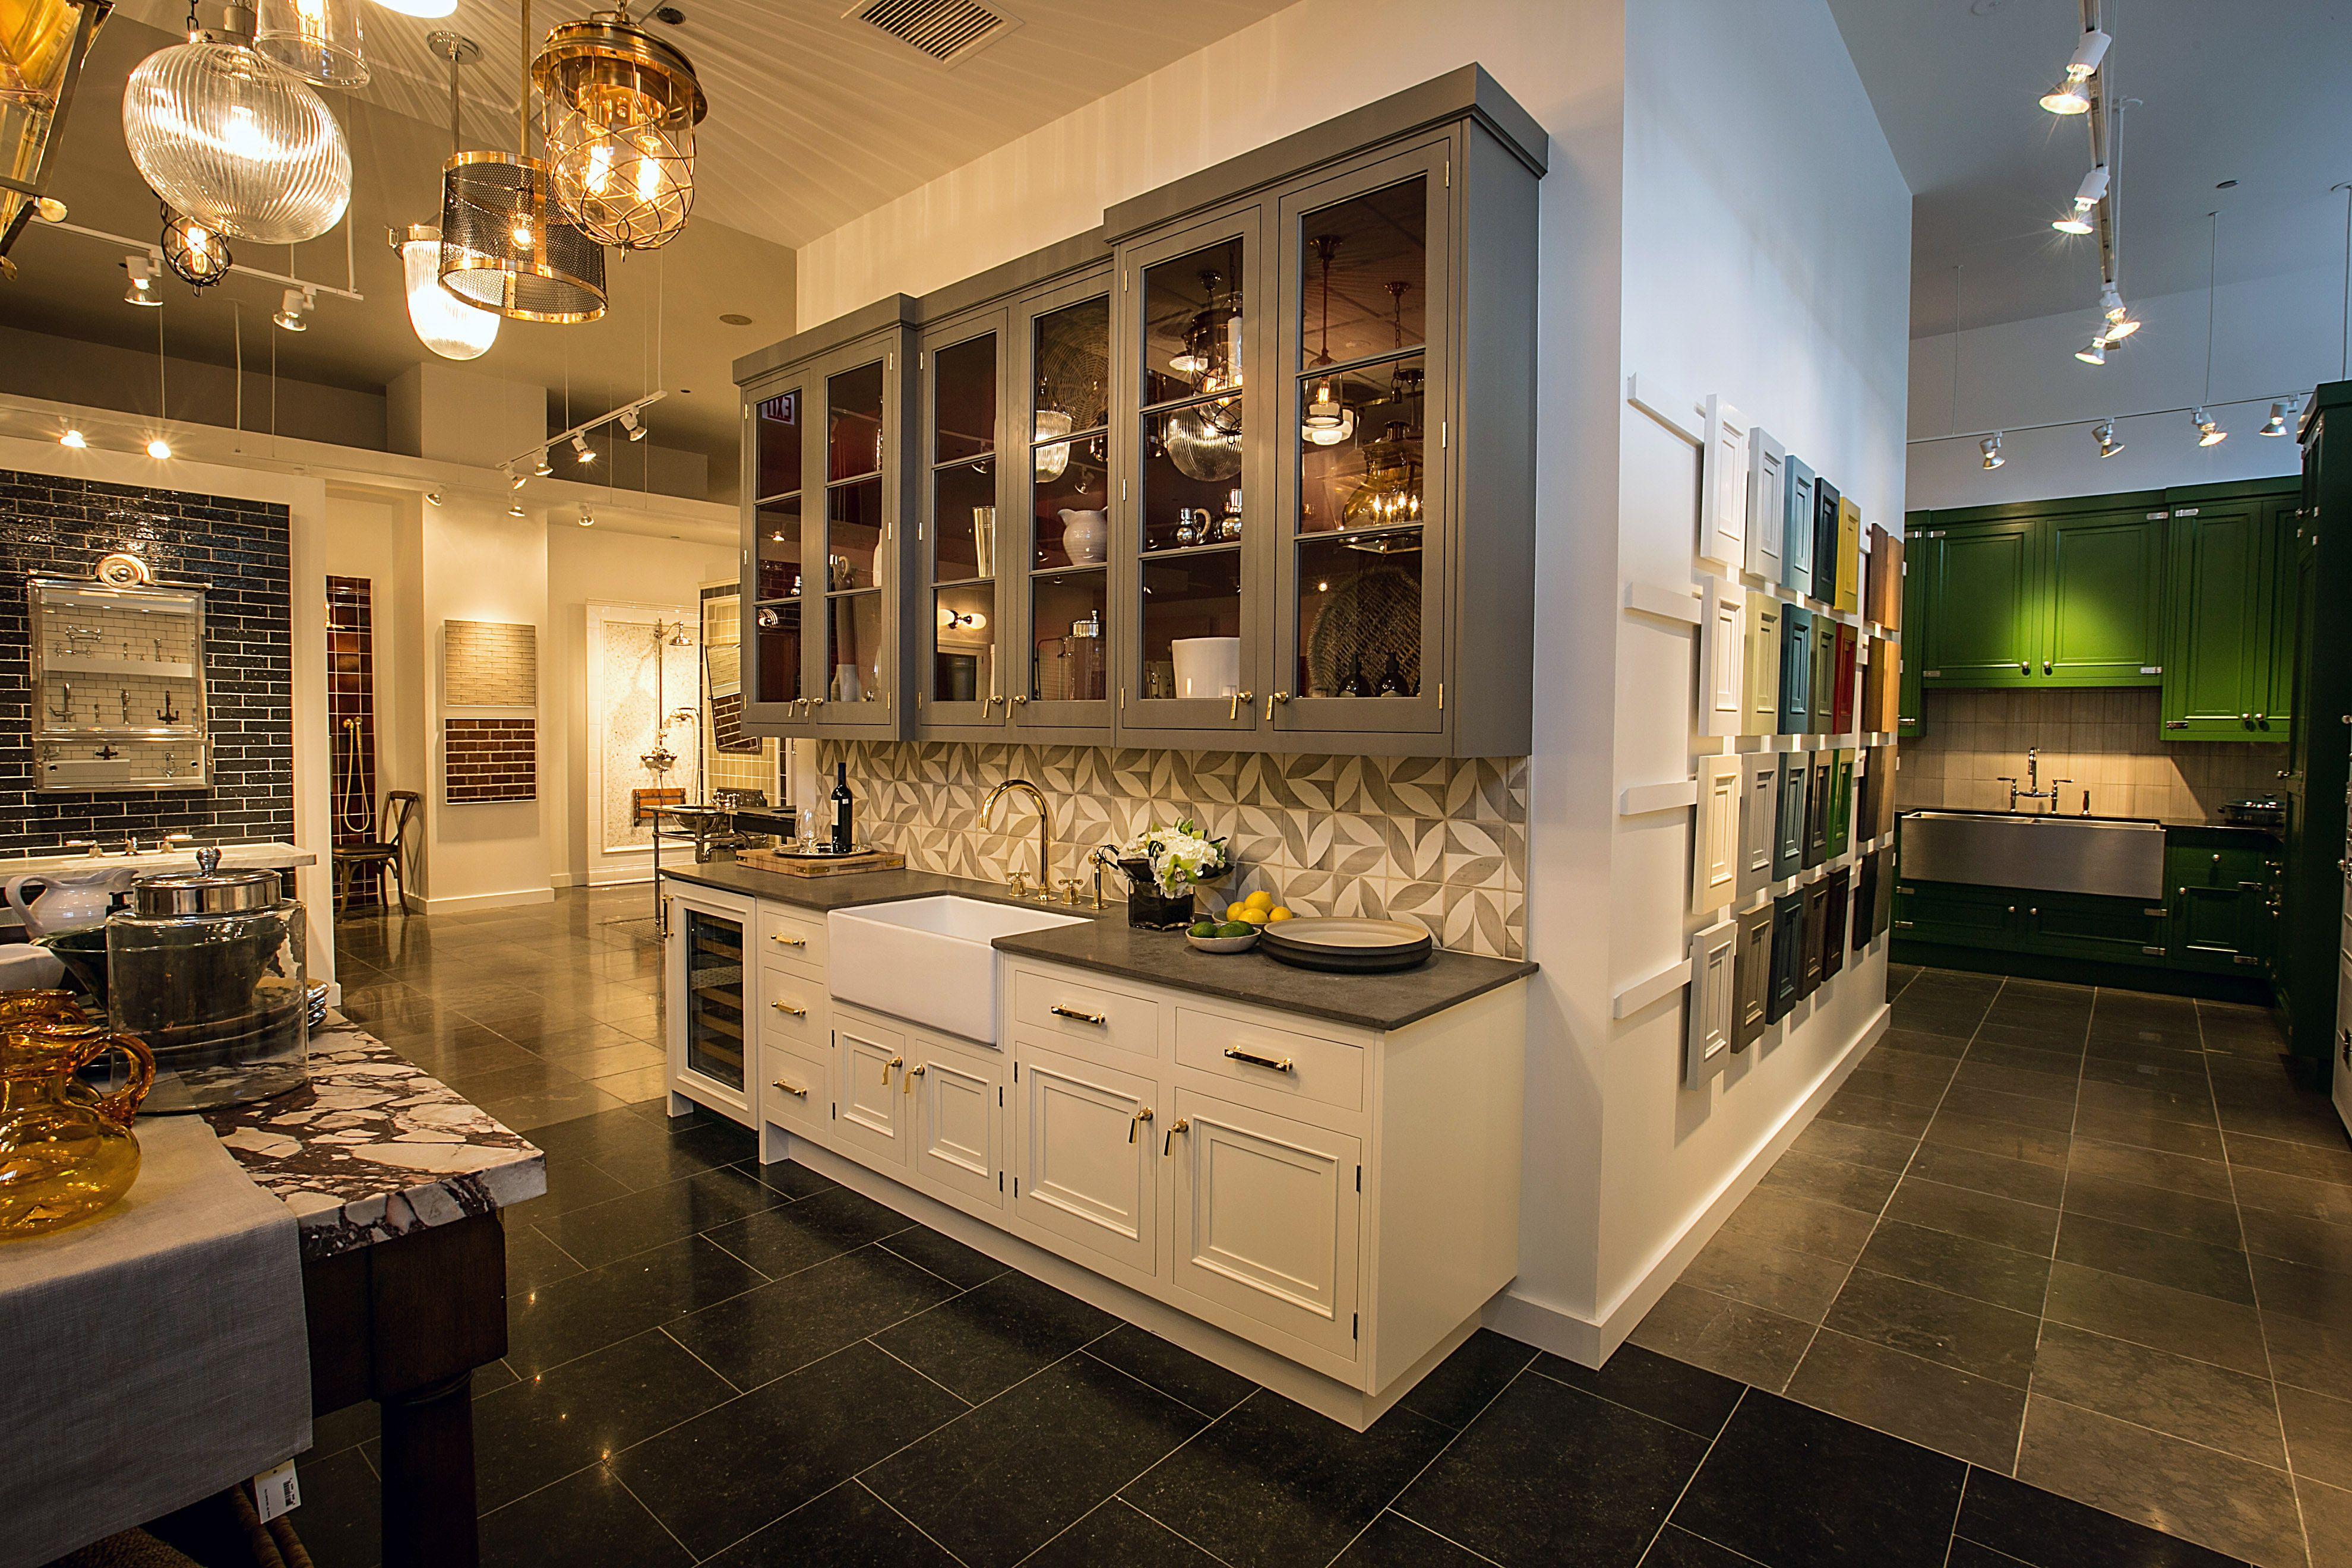 Waterworks Kitchen in Chicago Showroom Kitchen design